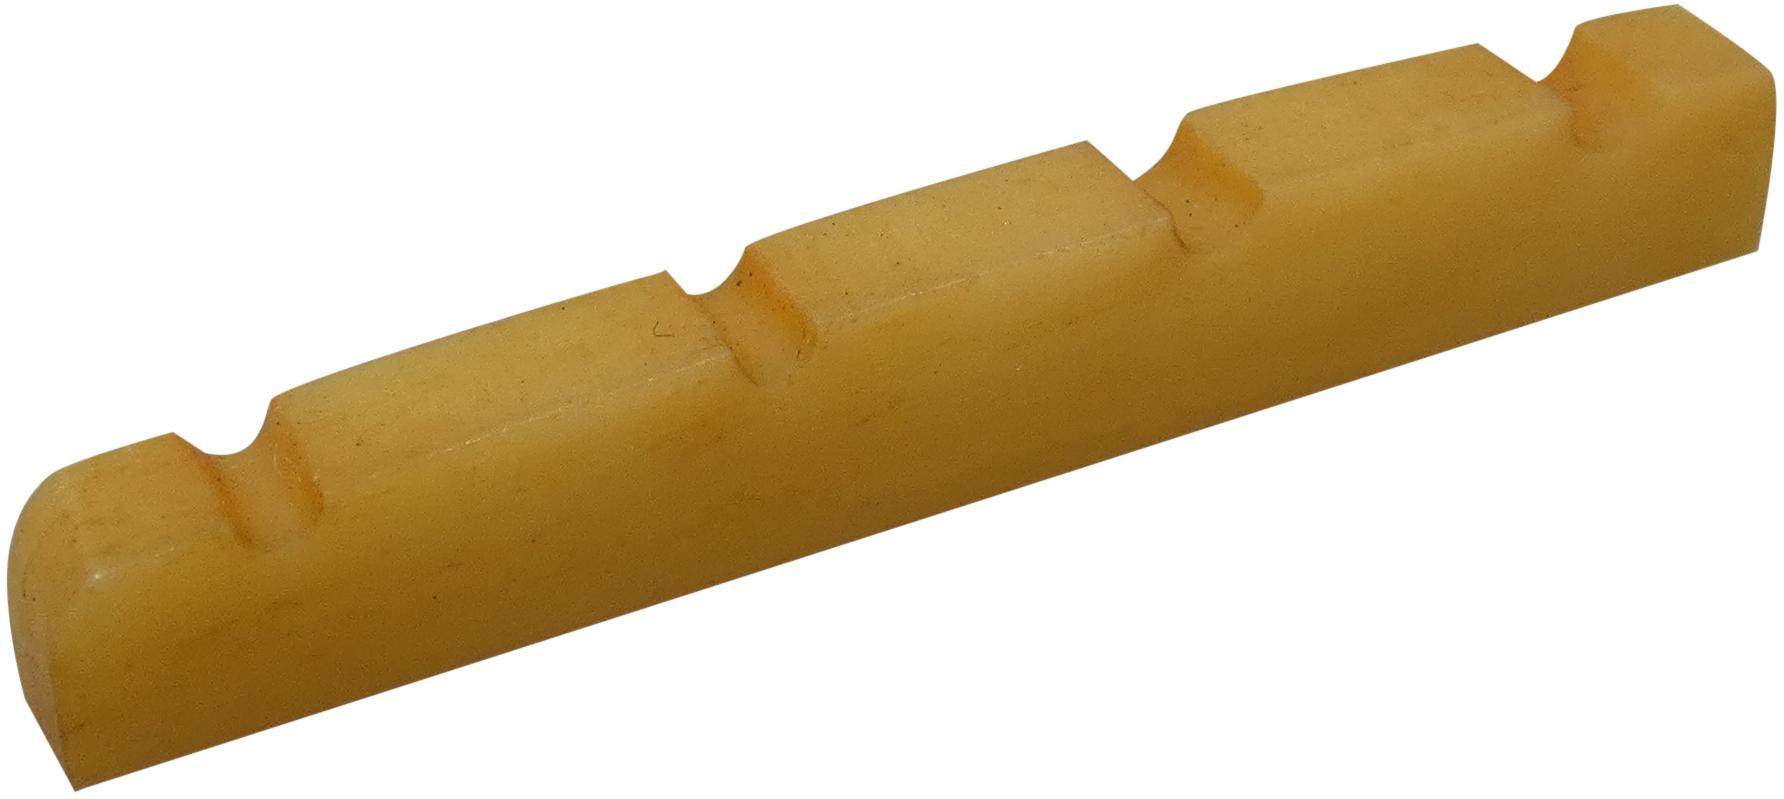 QPX-Aged Bone Nut JB-NUT